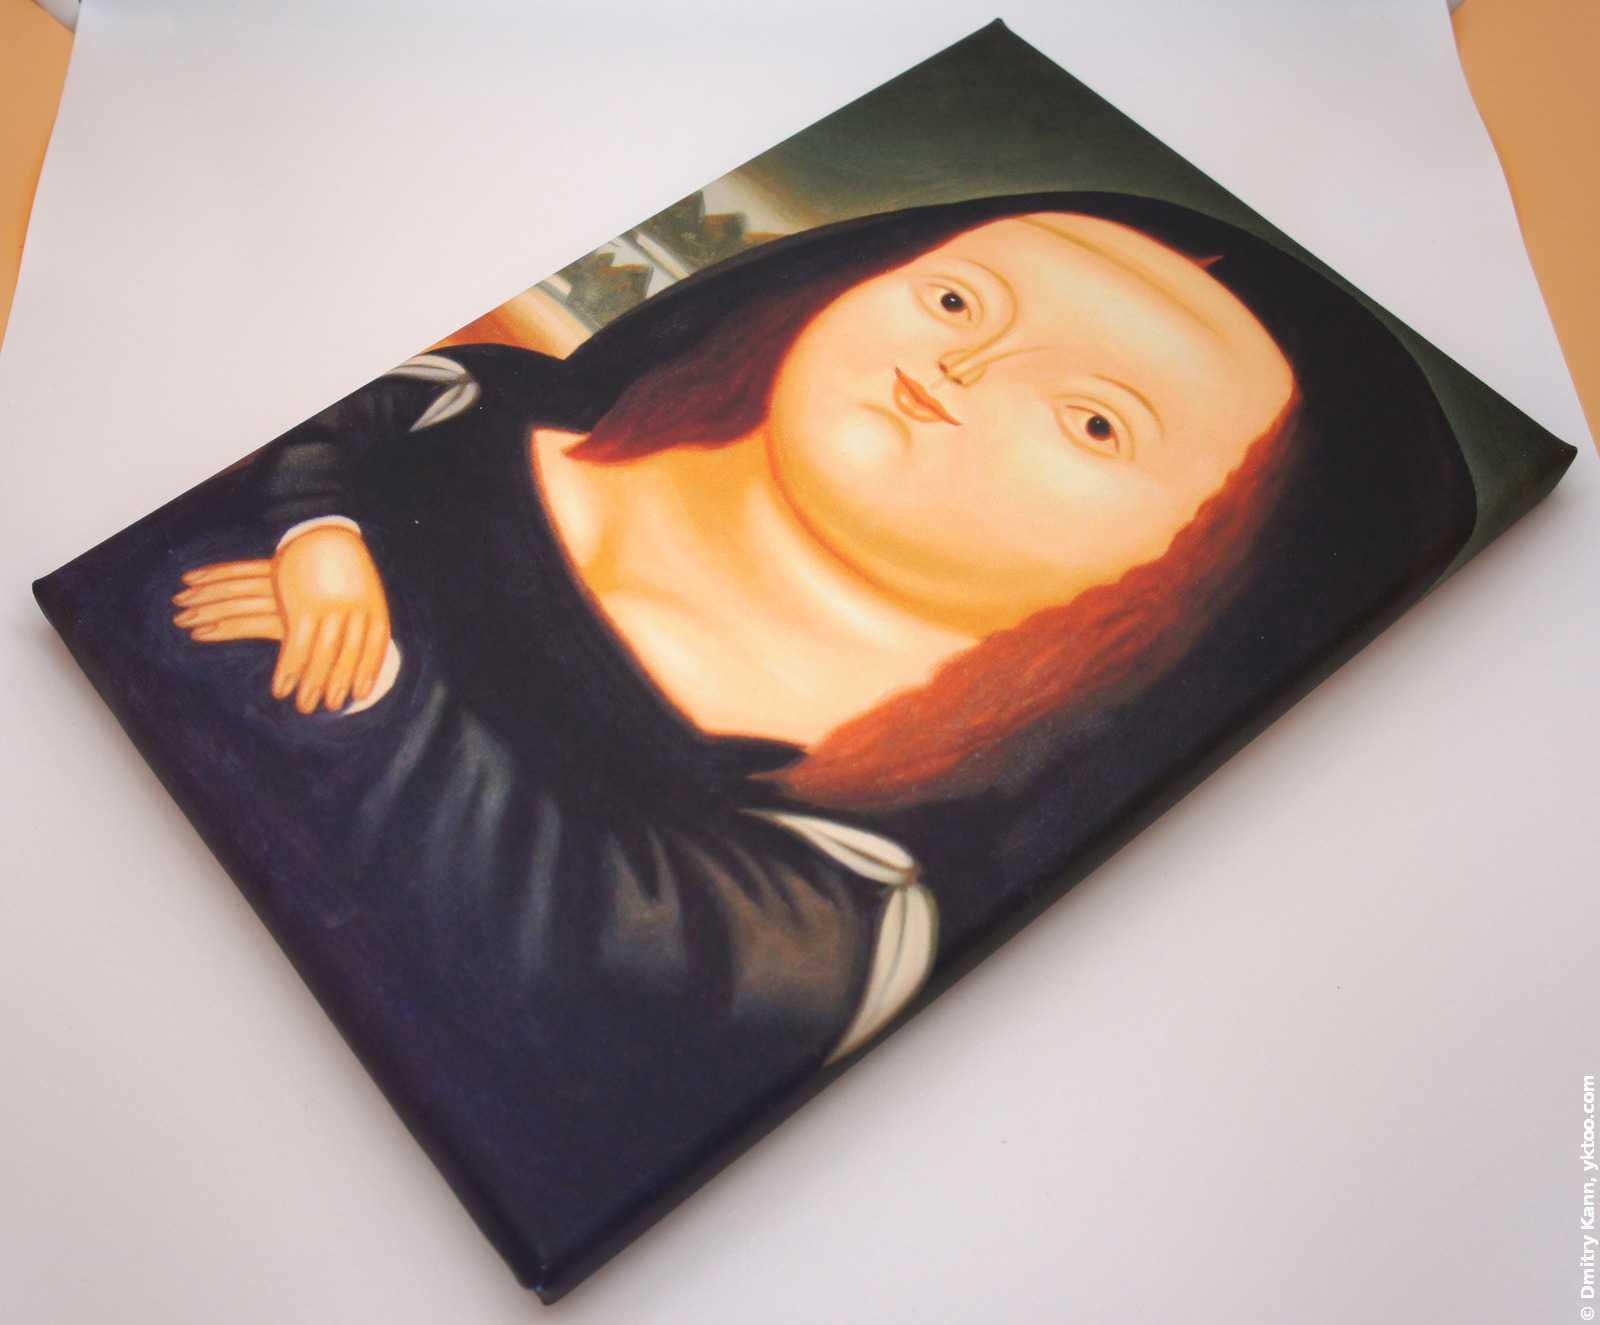 Mona Lisa Plus.